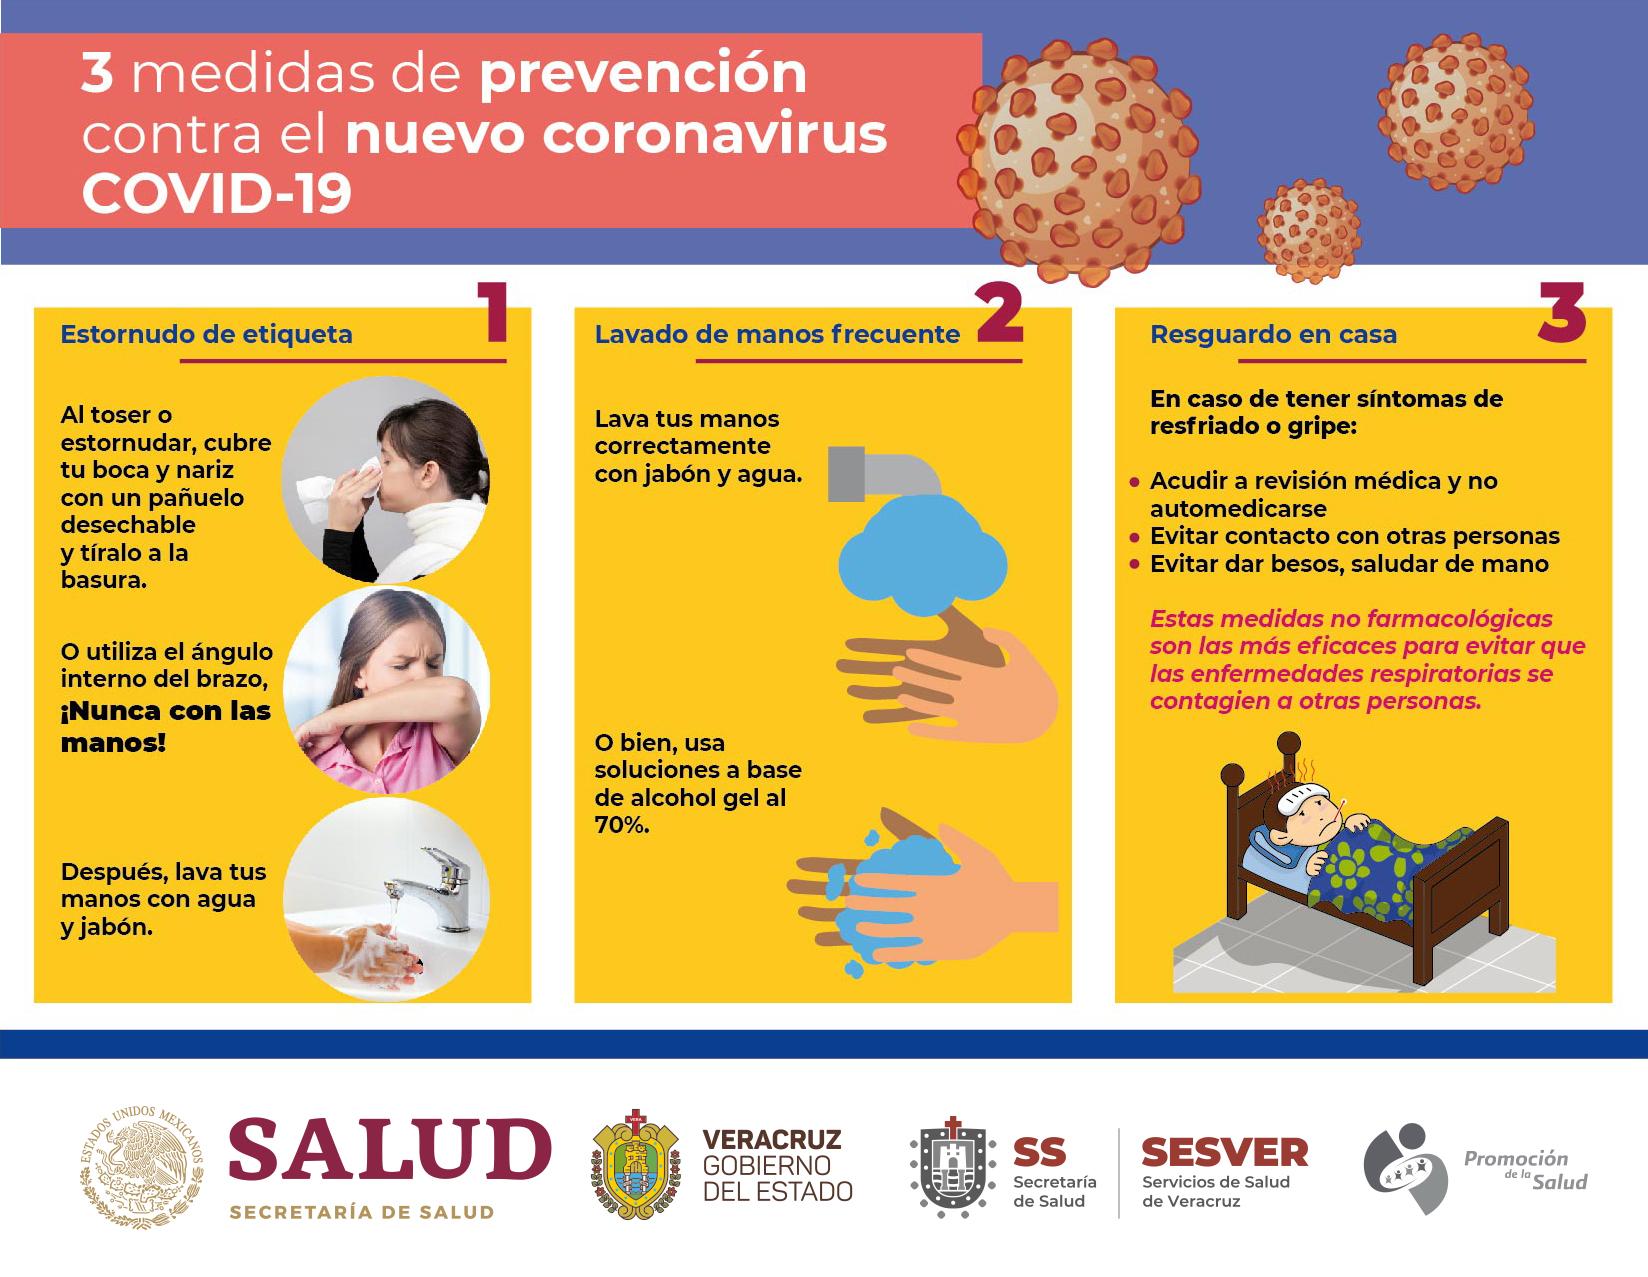 https://0201.nccdn.net/1_2/000/000/0d2/64d/Medidas-de-prevencion_ISSSTE.jpg